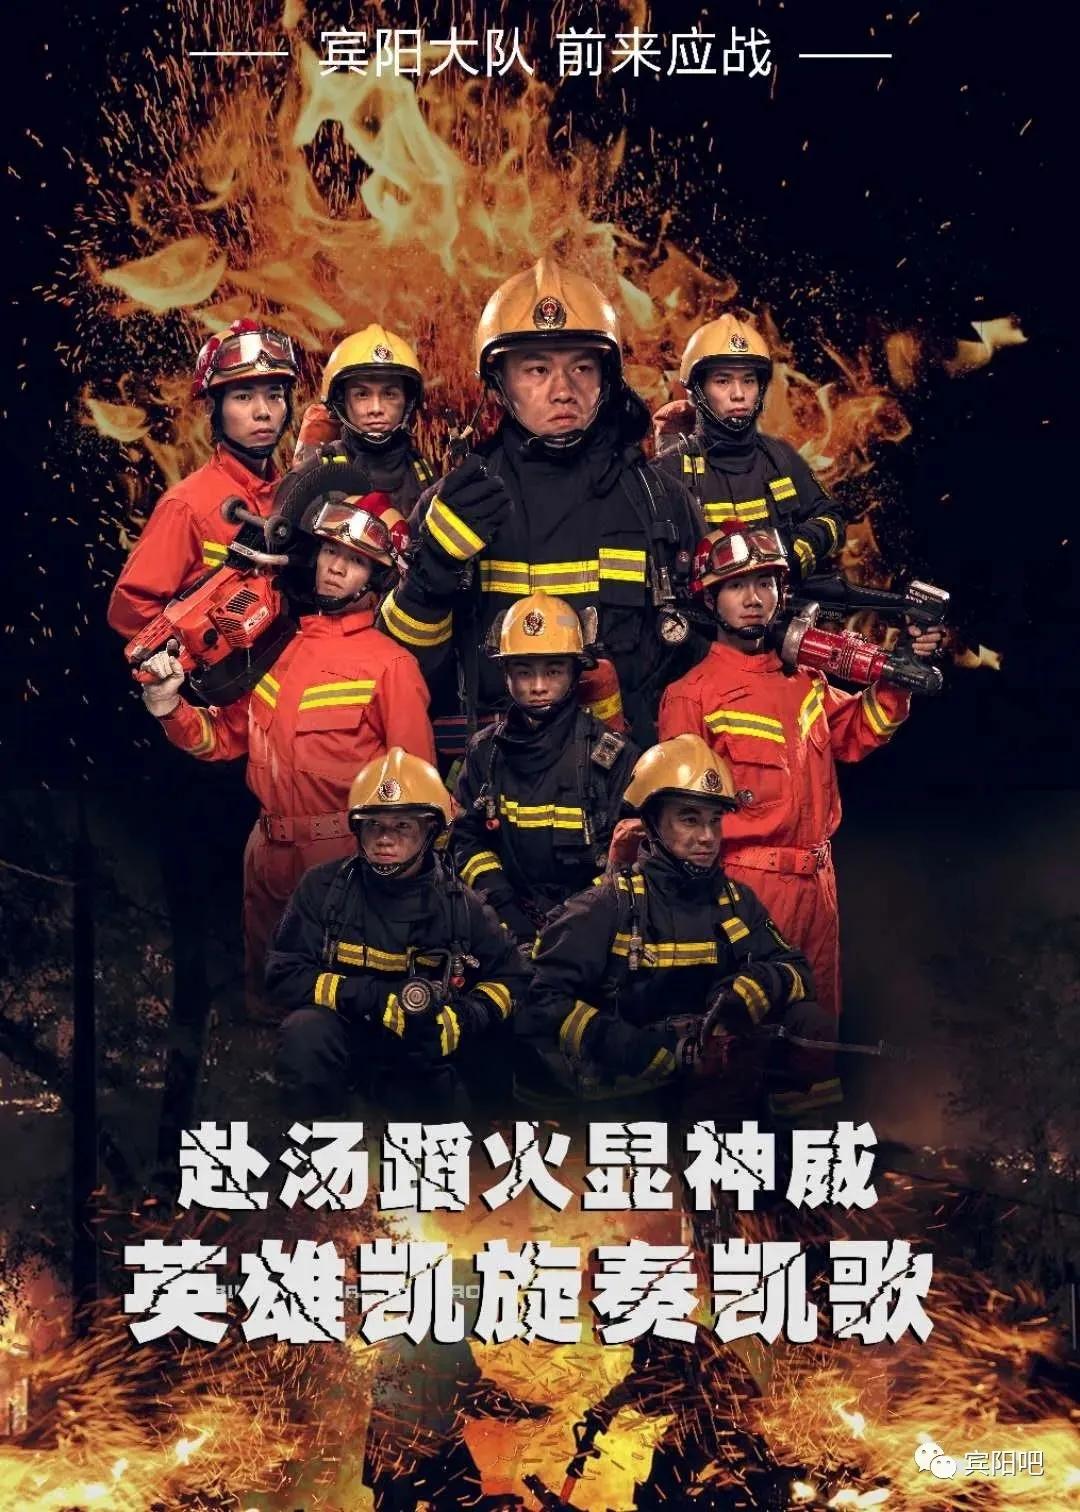 加入我们!宾阳消防招聘政府专职消防员、司